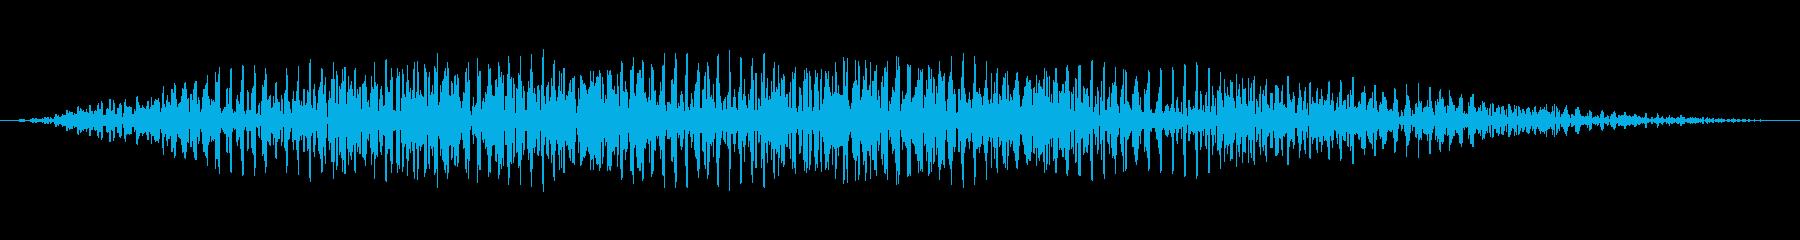 ミステリアスな呼び出し音の再生済みの波形